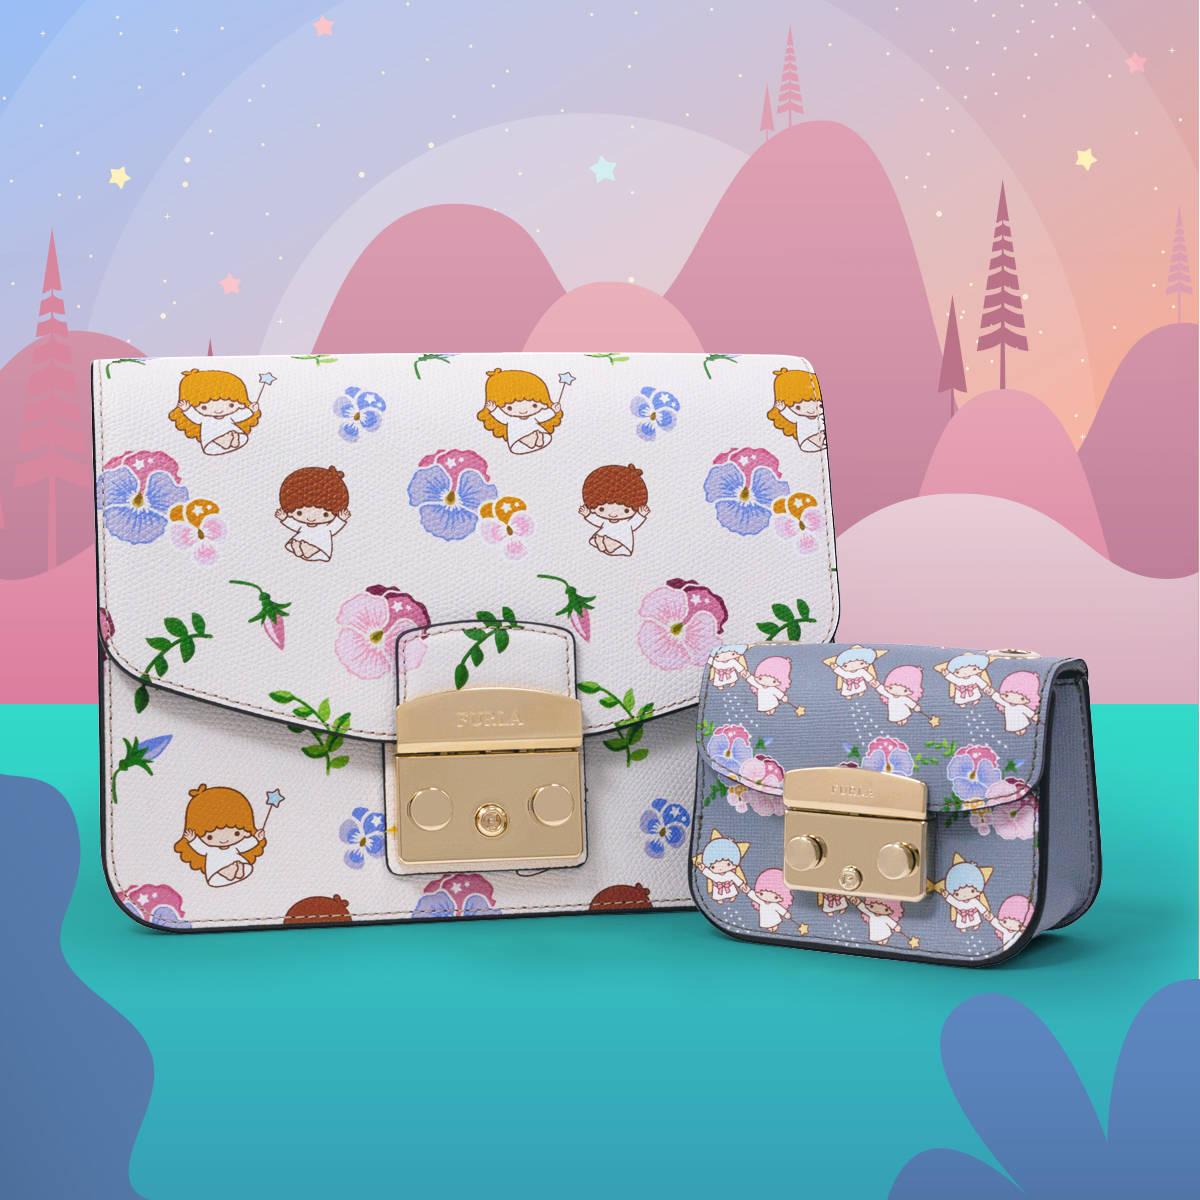 『リトルツインスターズ』×「フルラ」♪ キキ&ララと花柄デザインのバッグやカードケース、化粧ポーチなど♪